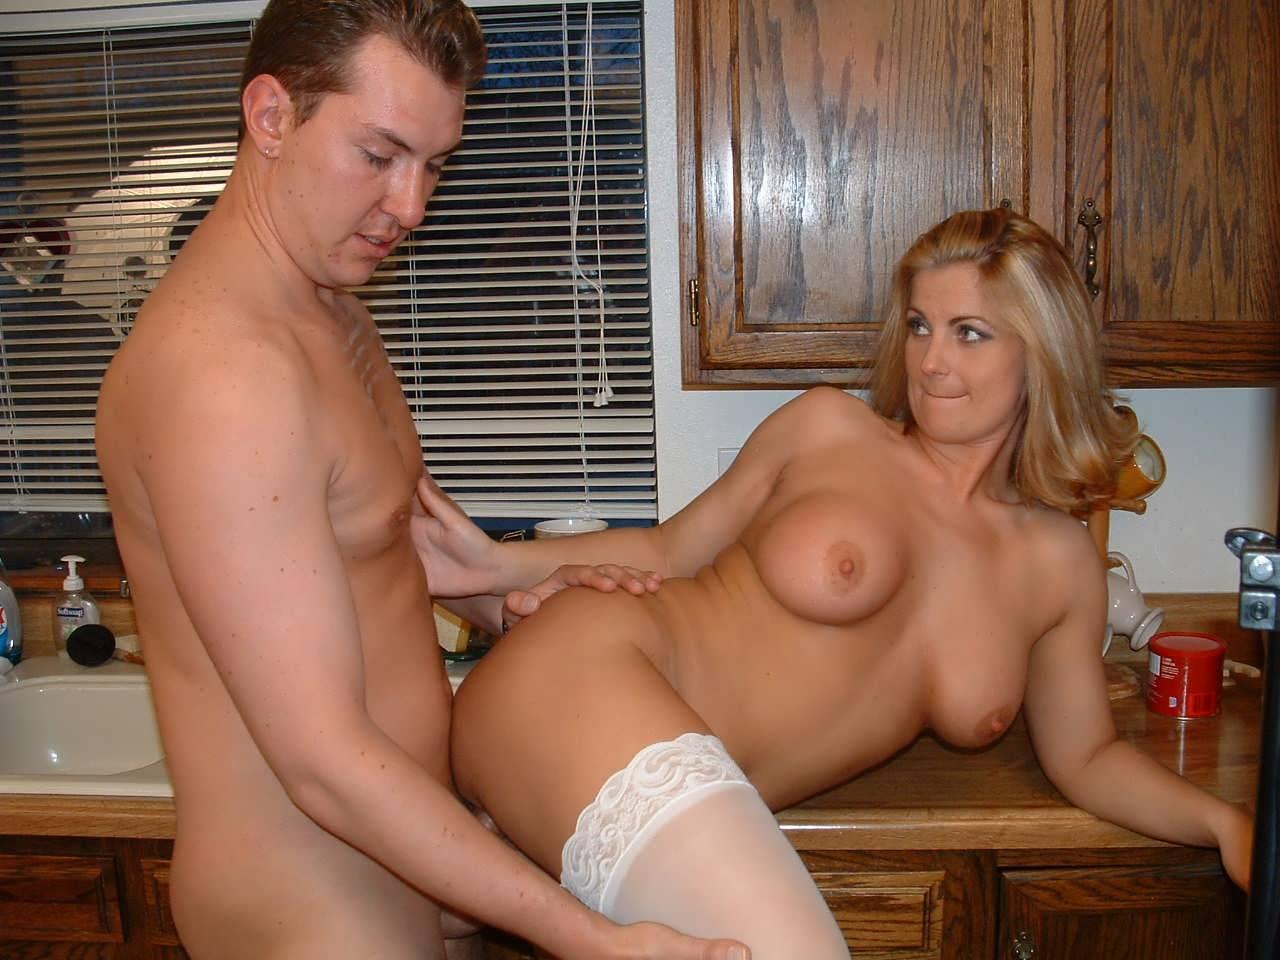 Порно фото племянник и тётя с большой грудью